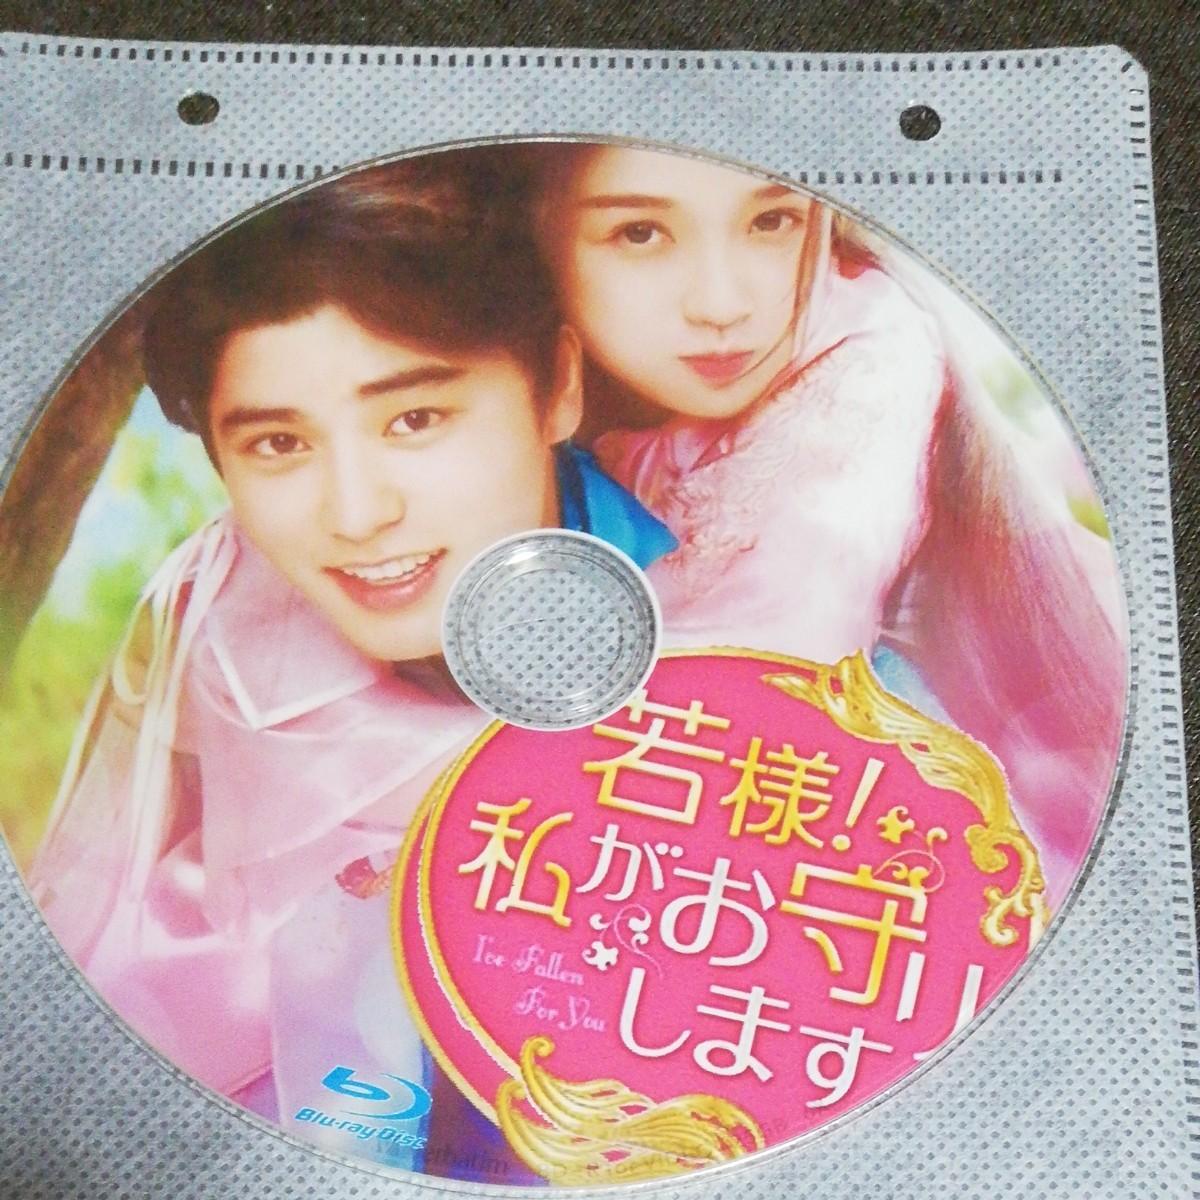 中国ドラマ「若様!私がお守りします」ブルーレイ 即日発送